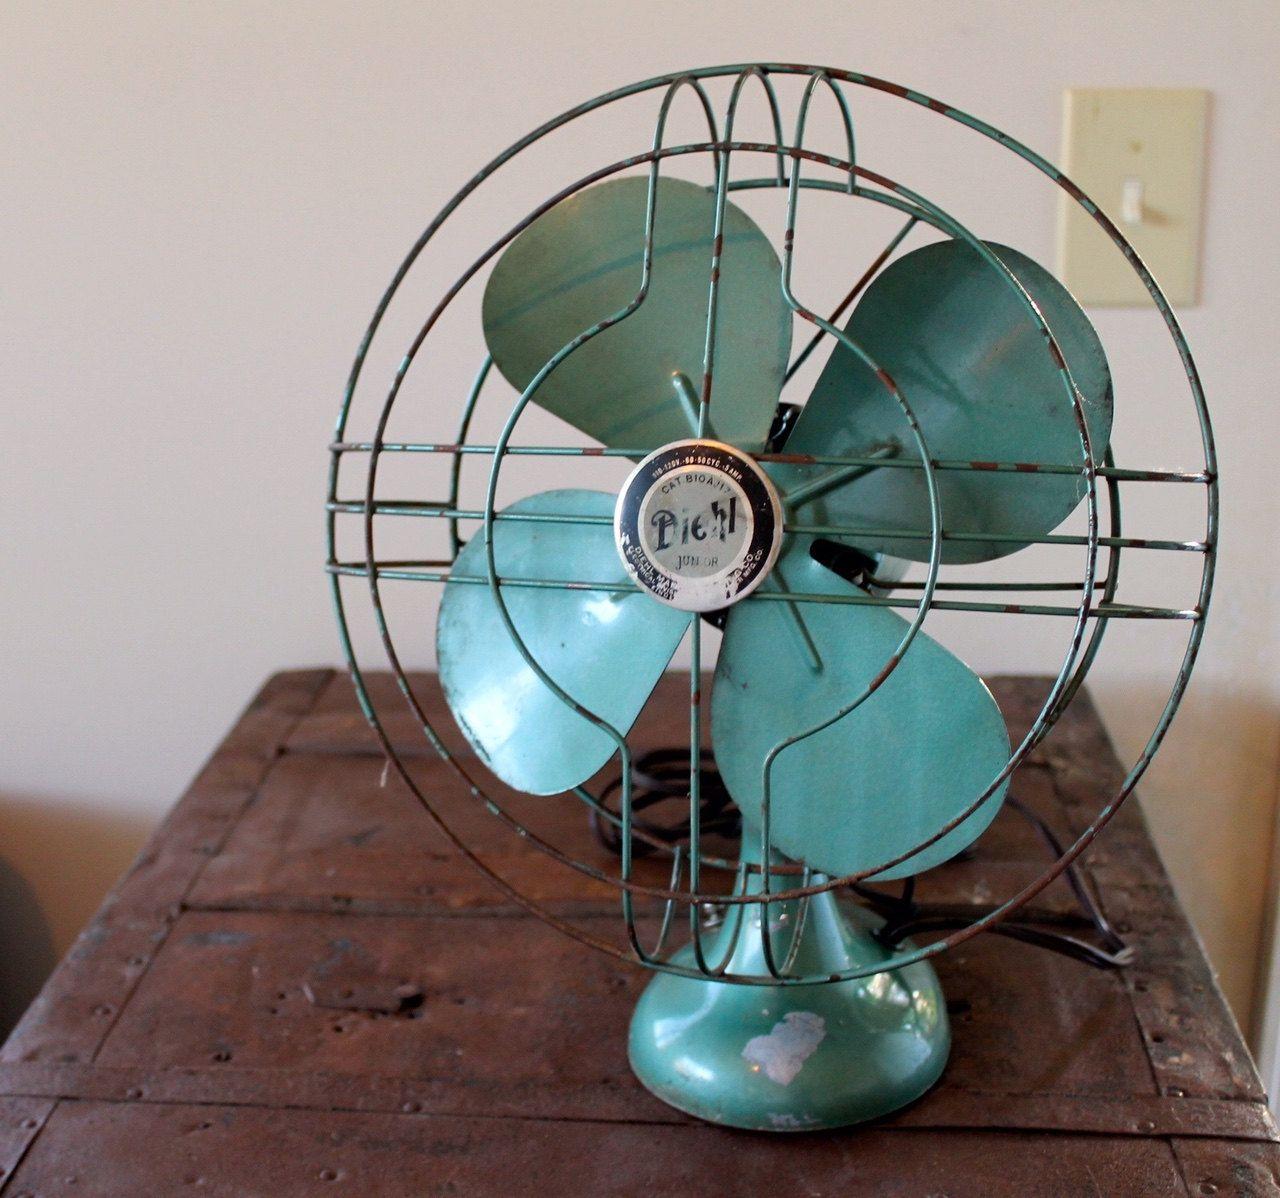 Vintage Mid Century Modern Diehl Jr Retro Table Top Fan, Turquoise Fan,  Smallu2026